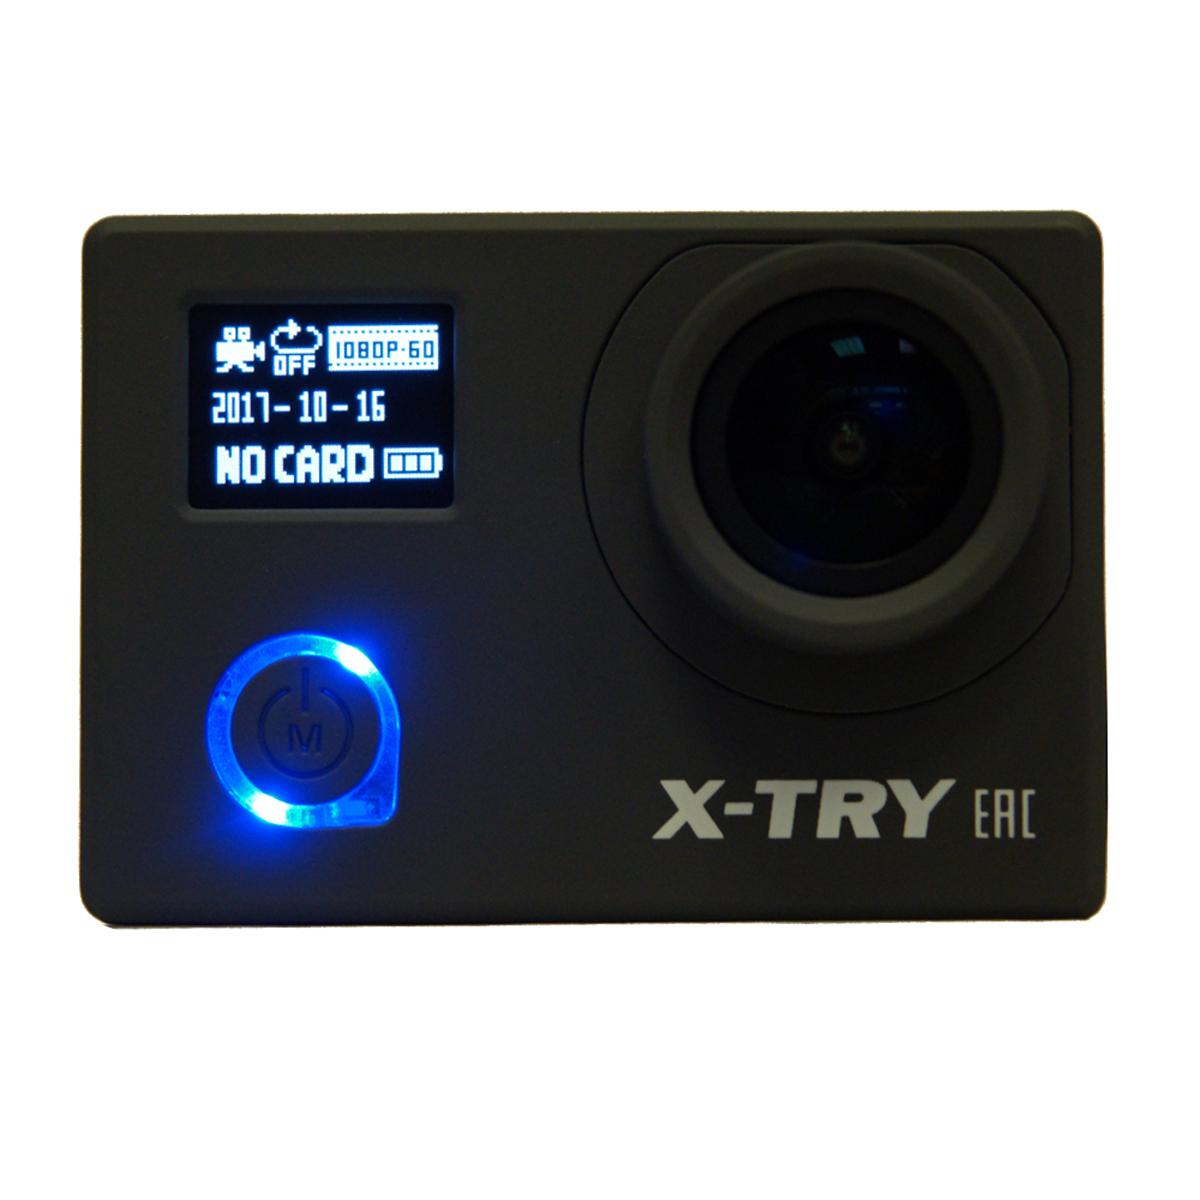 X-Try XTC242 UltraHD 4K WiFi + Autokit цифровая экшн-камераXTC242Компактная экшн-камера X-TRY XTC240 идеально подходит для записи видеороликов и фотографий в экстремальных условиях. В комплект входят разнообразные крепления, позволяющие закрепить камеру под нужным углом практически где угодно, водонепроницаемый бокс для погружения на глубину до тридцати метров, а наличие фронтального дисплея дает пользователю больше дополнительной информации во время съемки. Гаджет имеет широкоугольный объектив с большой апертурой, производительным процессором и светочувствительной матрицей. Это позволяет камере снимать видео разрешением UHD 4K со скоростью до 24 кадров в секунду. Присутствует режим съемки в слабоосвещенных услових - Starlight Night Vision. Функция интервальной записи Timelapse, фронтальный экран и стабильное изображение даже при быстром движении позволяют запечатлеть увлекательные приключения и спортивные состязания. Благодаря встроенному передатчику Long-Range Wi-Fi камерой можно управлять со смартфона на расстоянии до 30 метров и оперативно передавать записанные видеофайлы. X-TRY XTC240 может работать в качестве видео-регистратора, в комплект поставки входит так же автомобильный держатель на стекло и АЗУ. Работы заряжаемого аккумулятора на 1050 mAh хватает на 1 час.